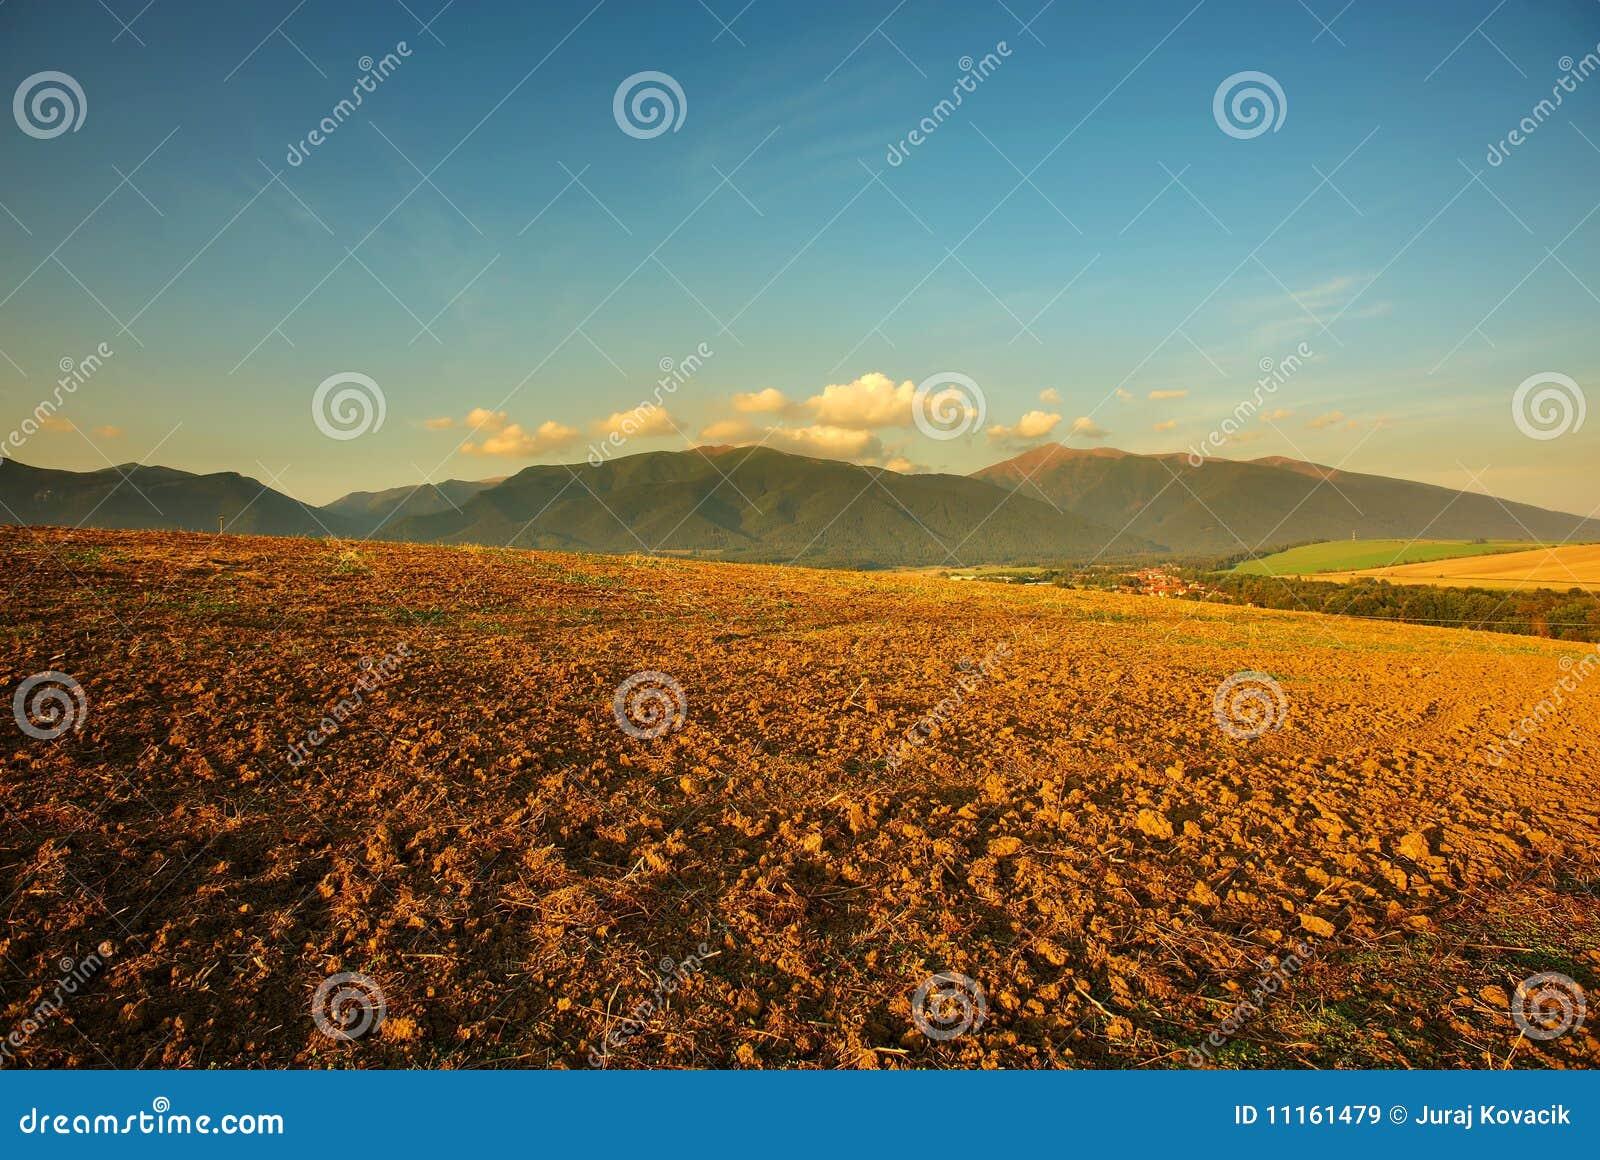 золото поля